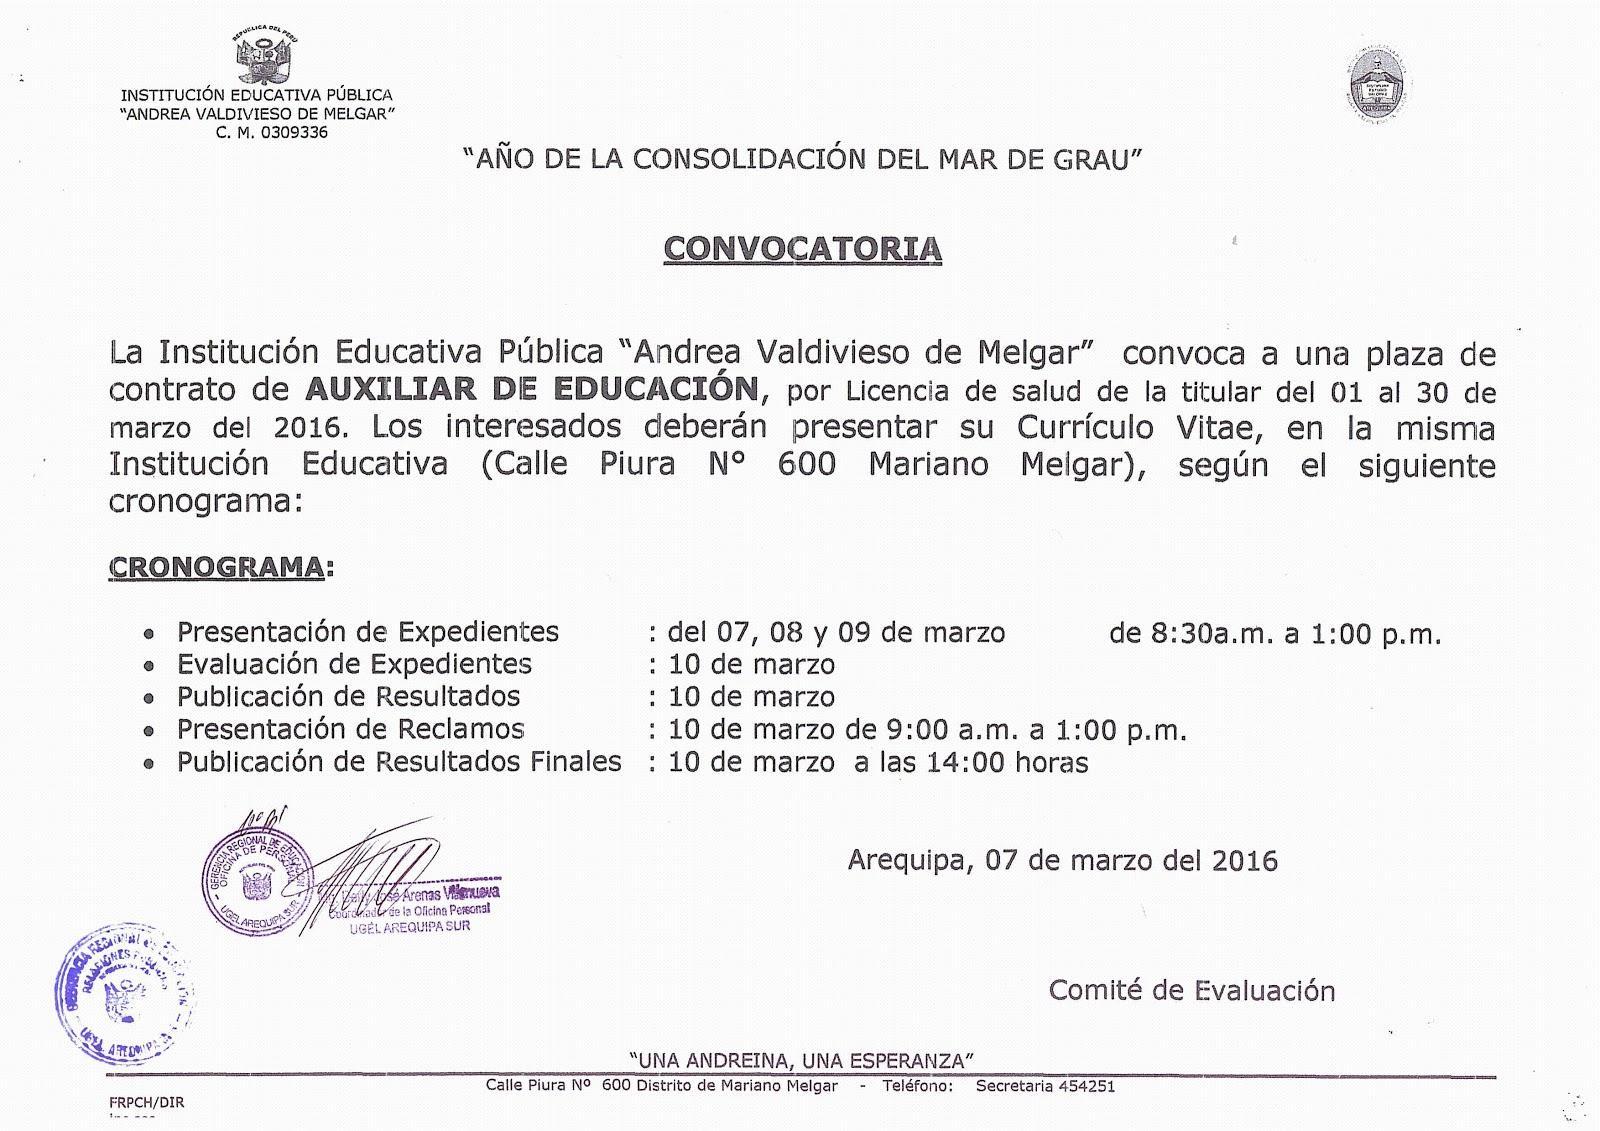 Convocatoria para auxiliar de educaci n y personal de for Convocatoria para plazas docentes 2016